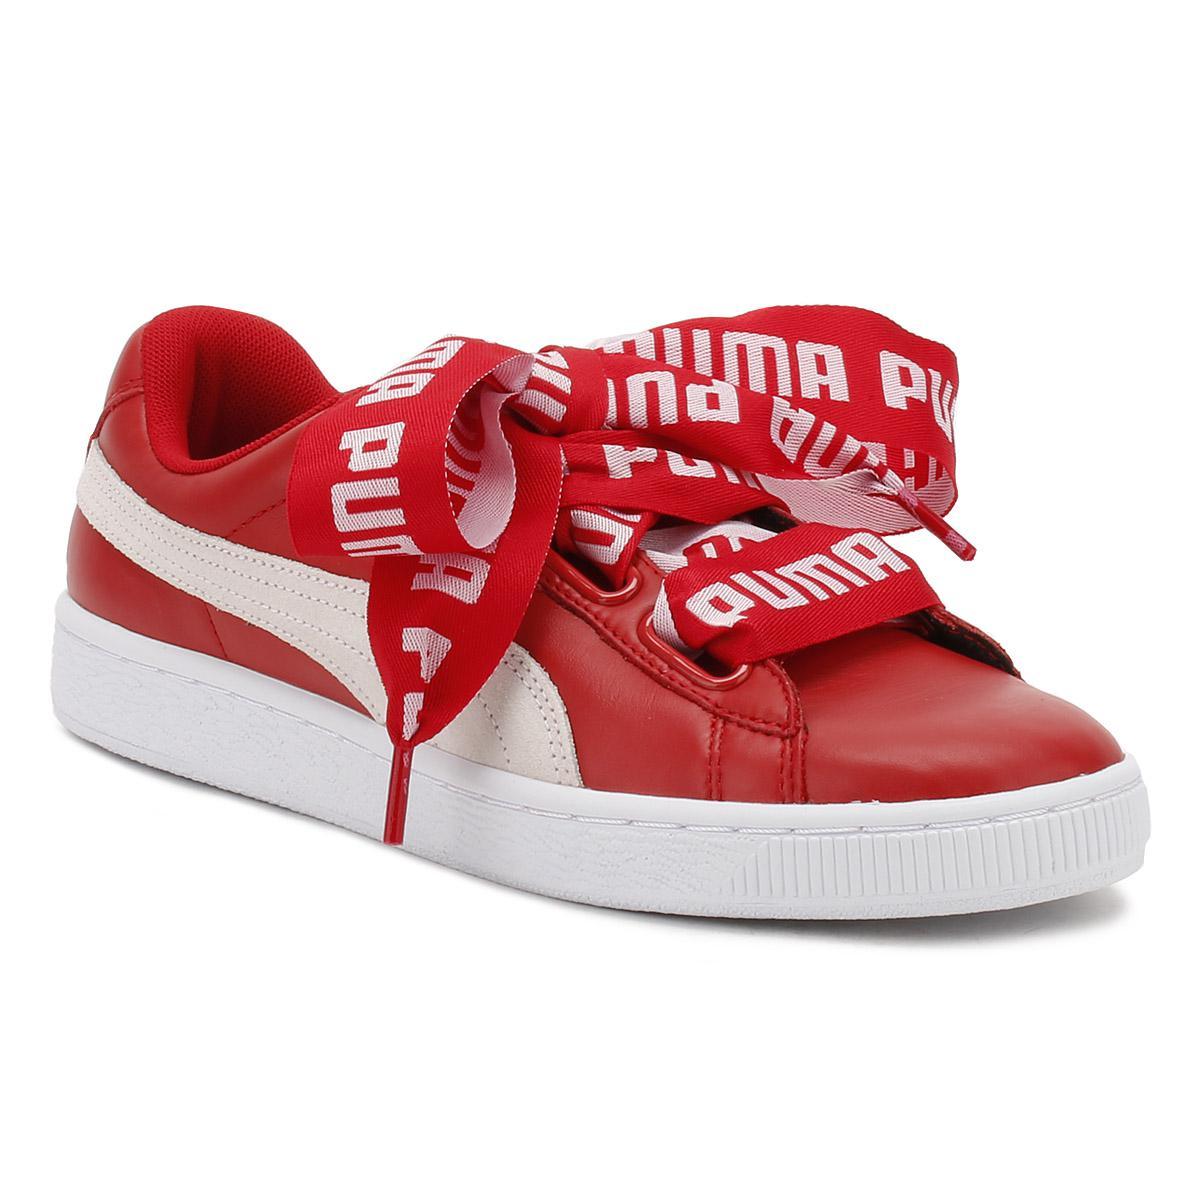 new style dc352 5355a PUMA Womens Toreador Red Basket Heart De Trainers